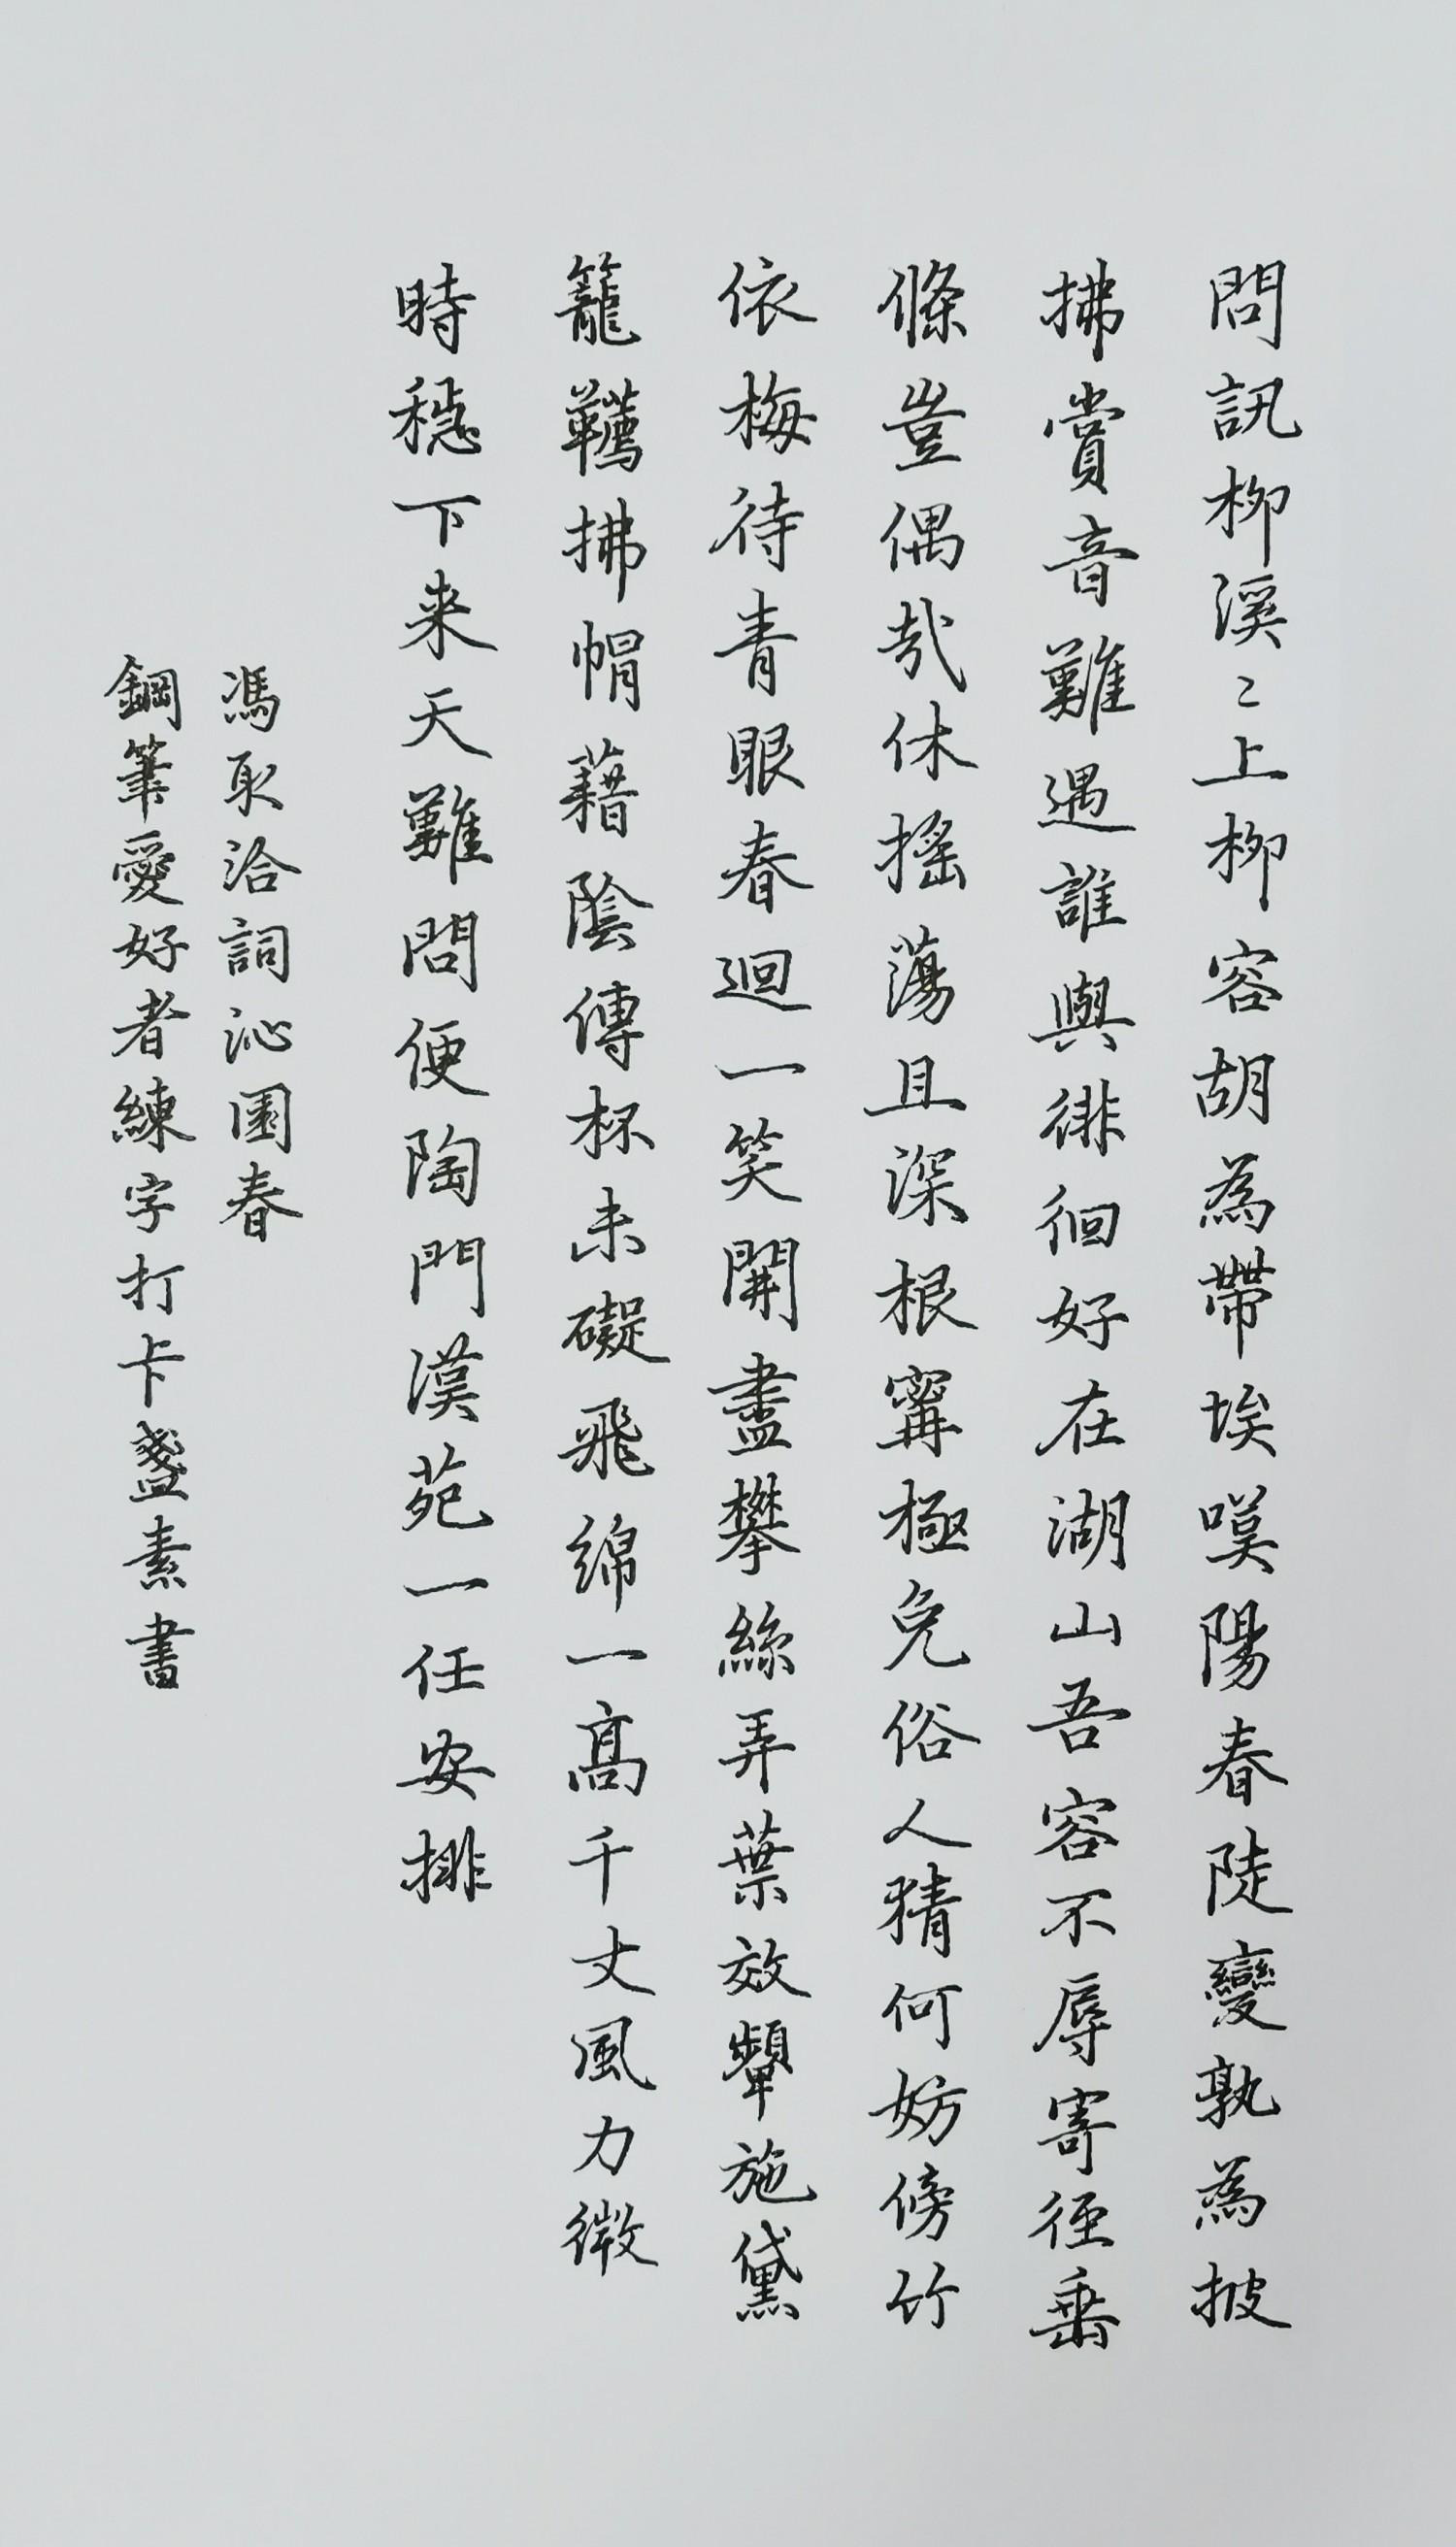 钢笔爱好者练字打卡20210302-03